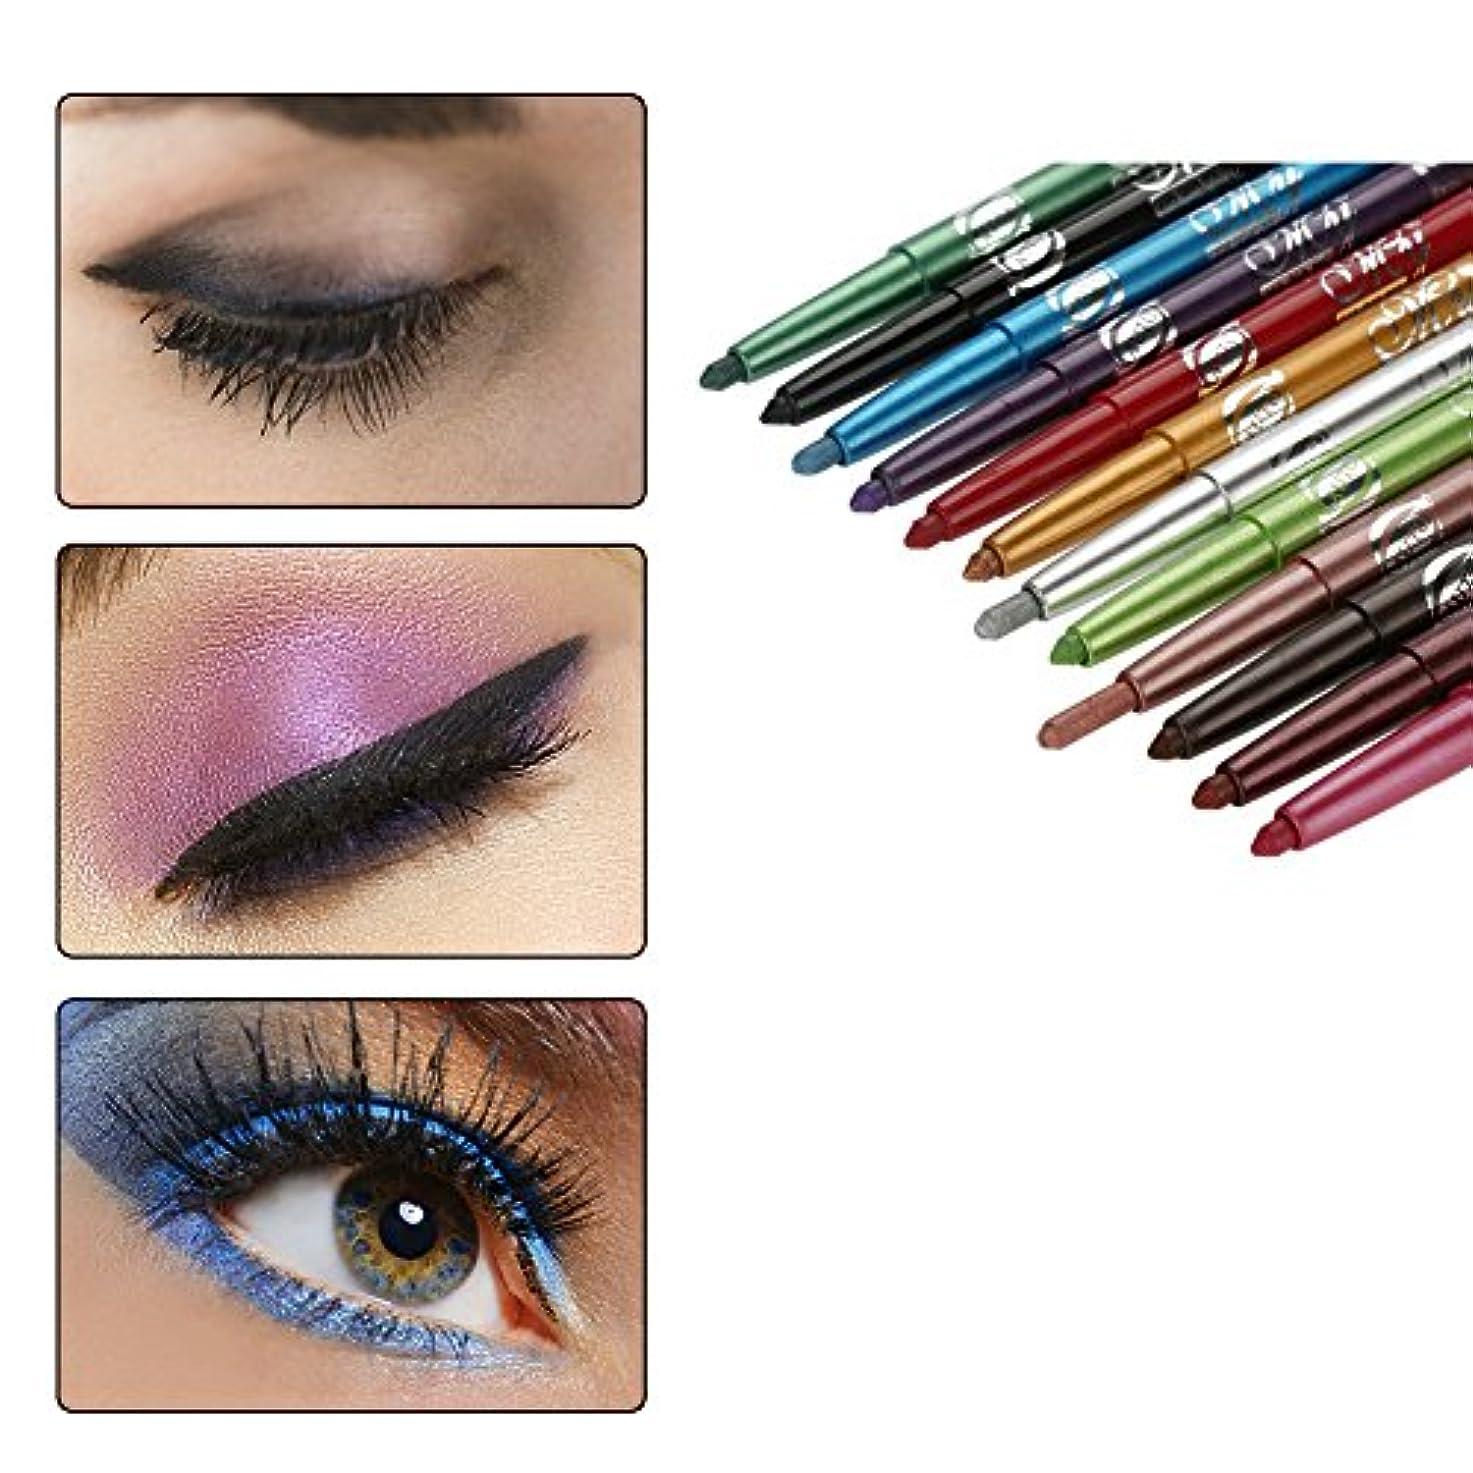 湿ったリード打ち負かす12色のアイシャドーアイライナー リップライナーペンシル 化粧ペン メイクアップセット 防水 長持ち 人気